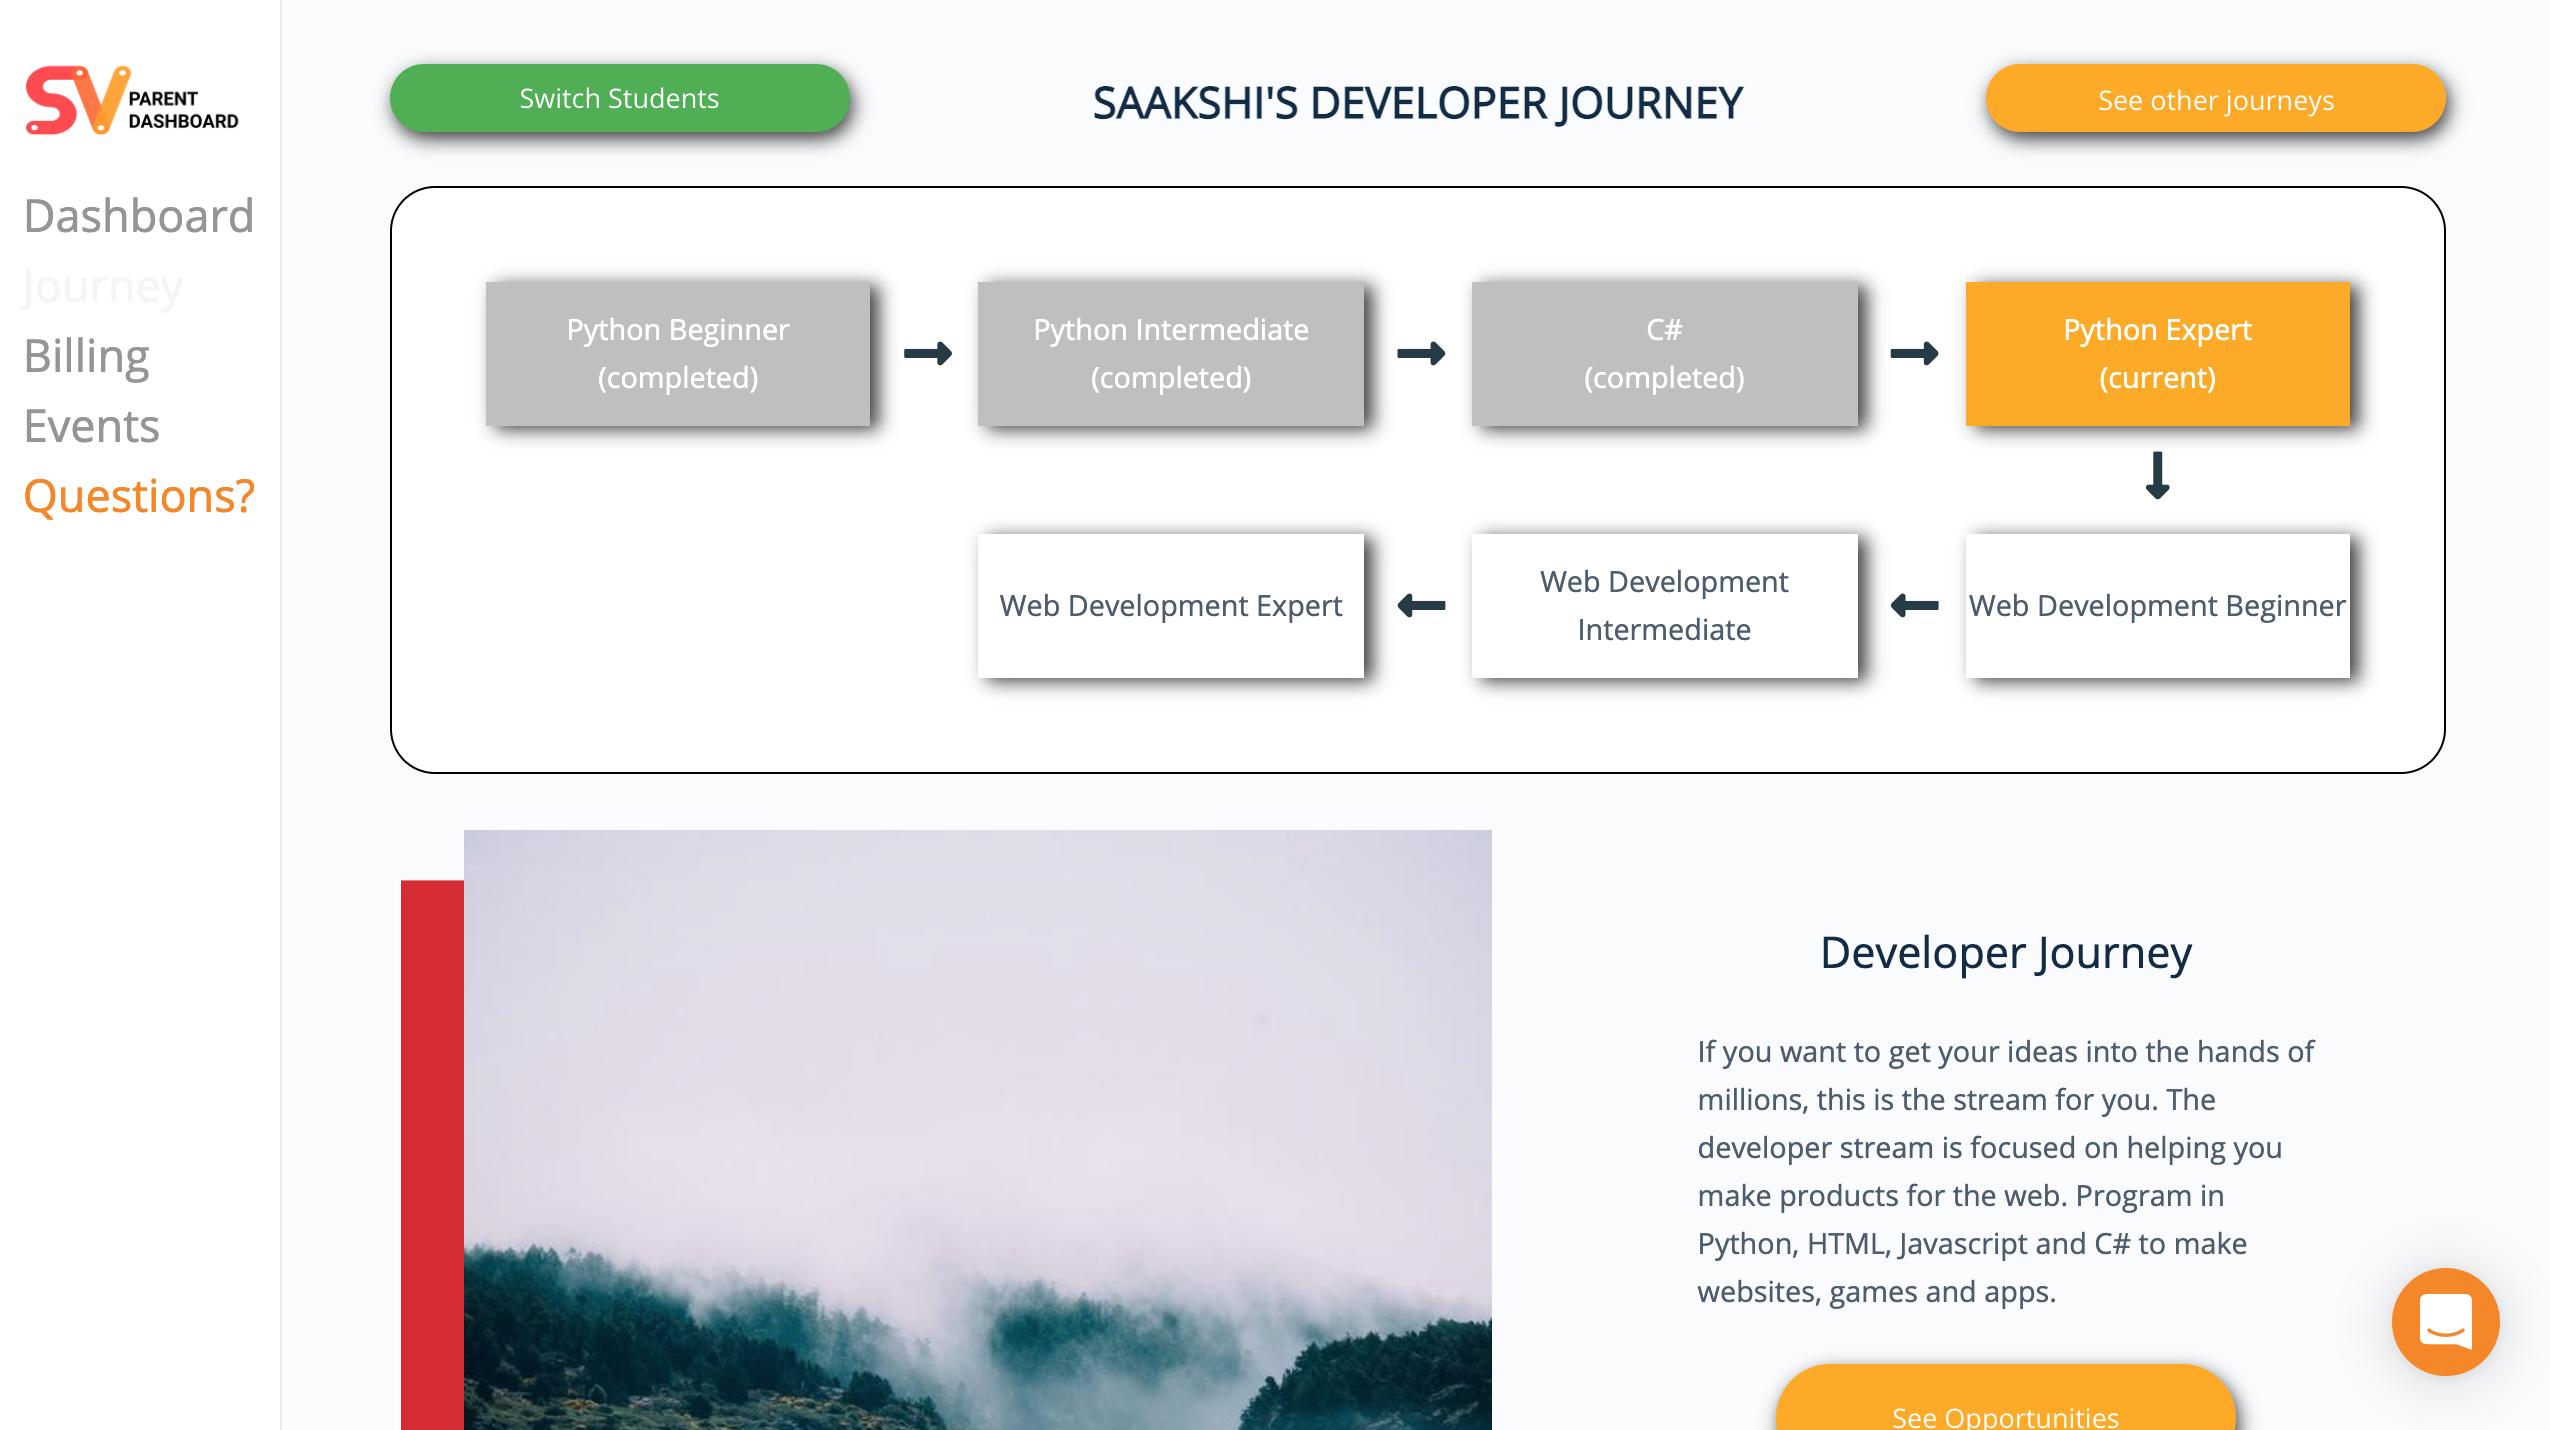 Saakshi's Developer Journey